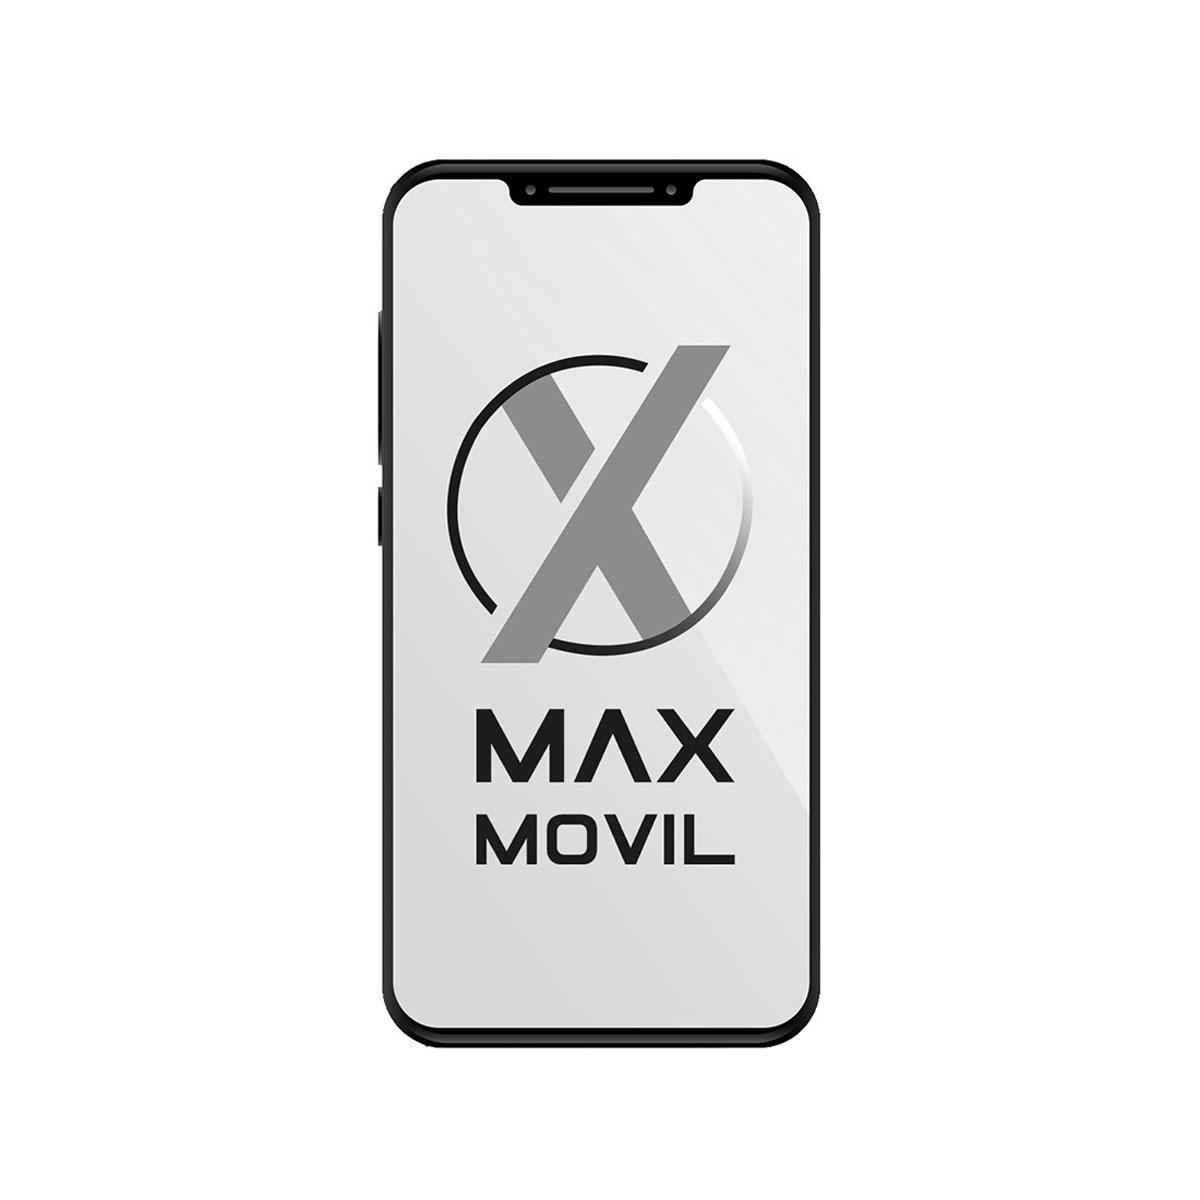 Cargador de Apple para iphone y ipod